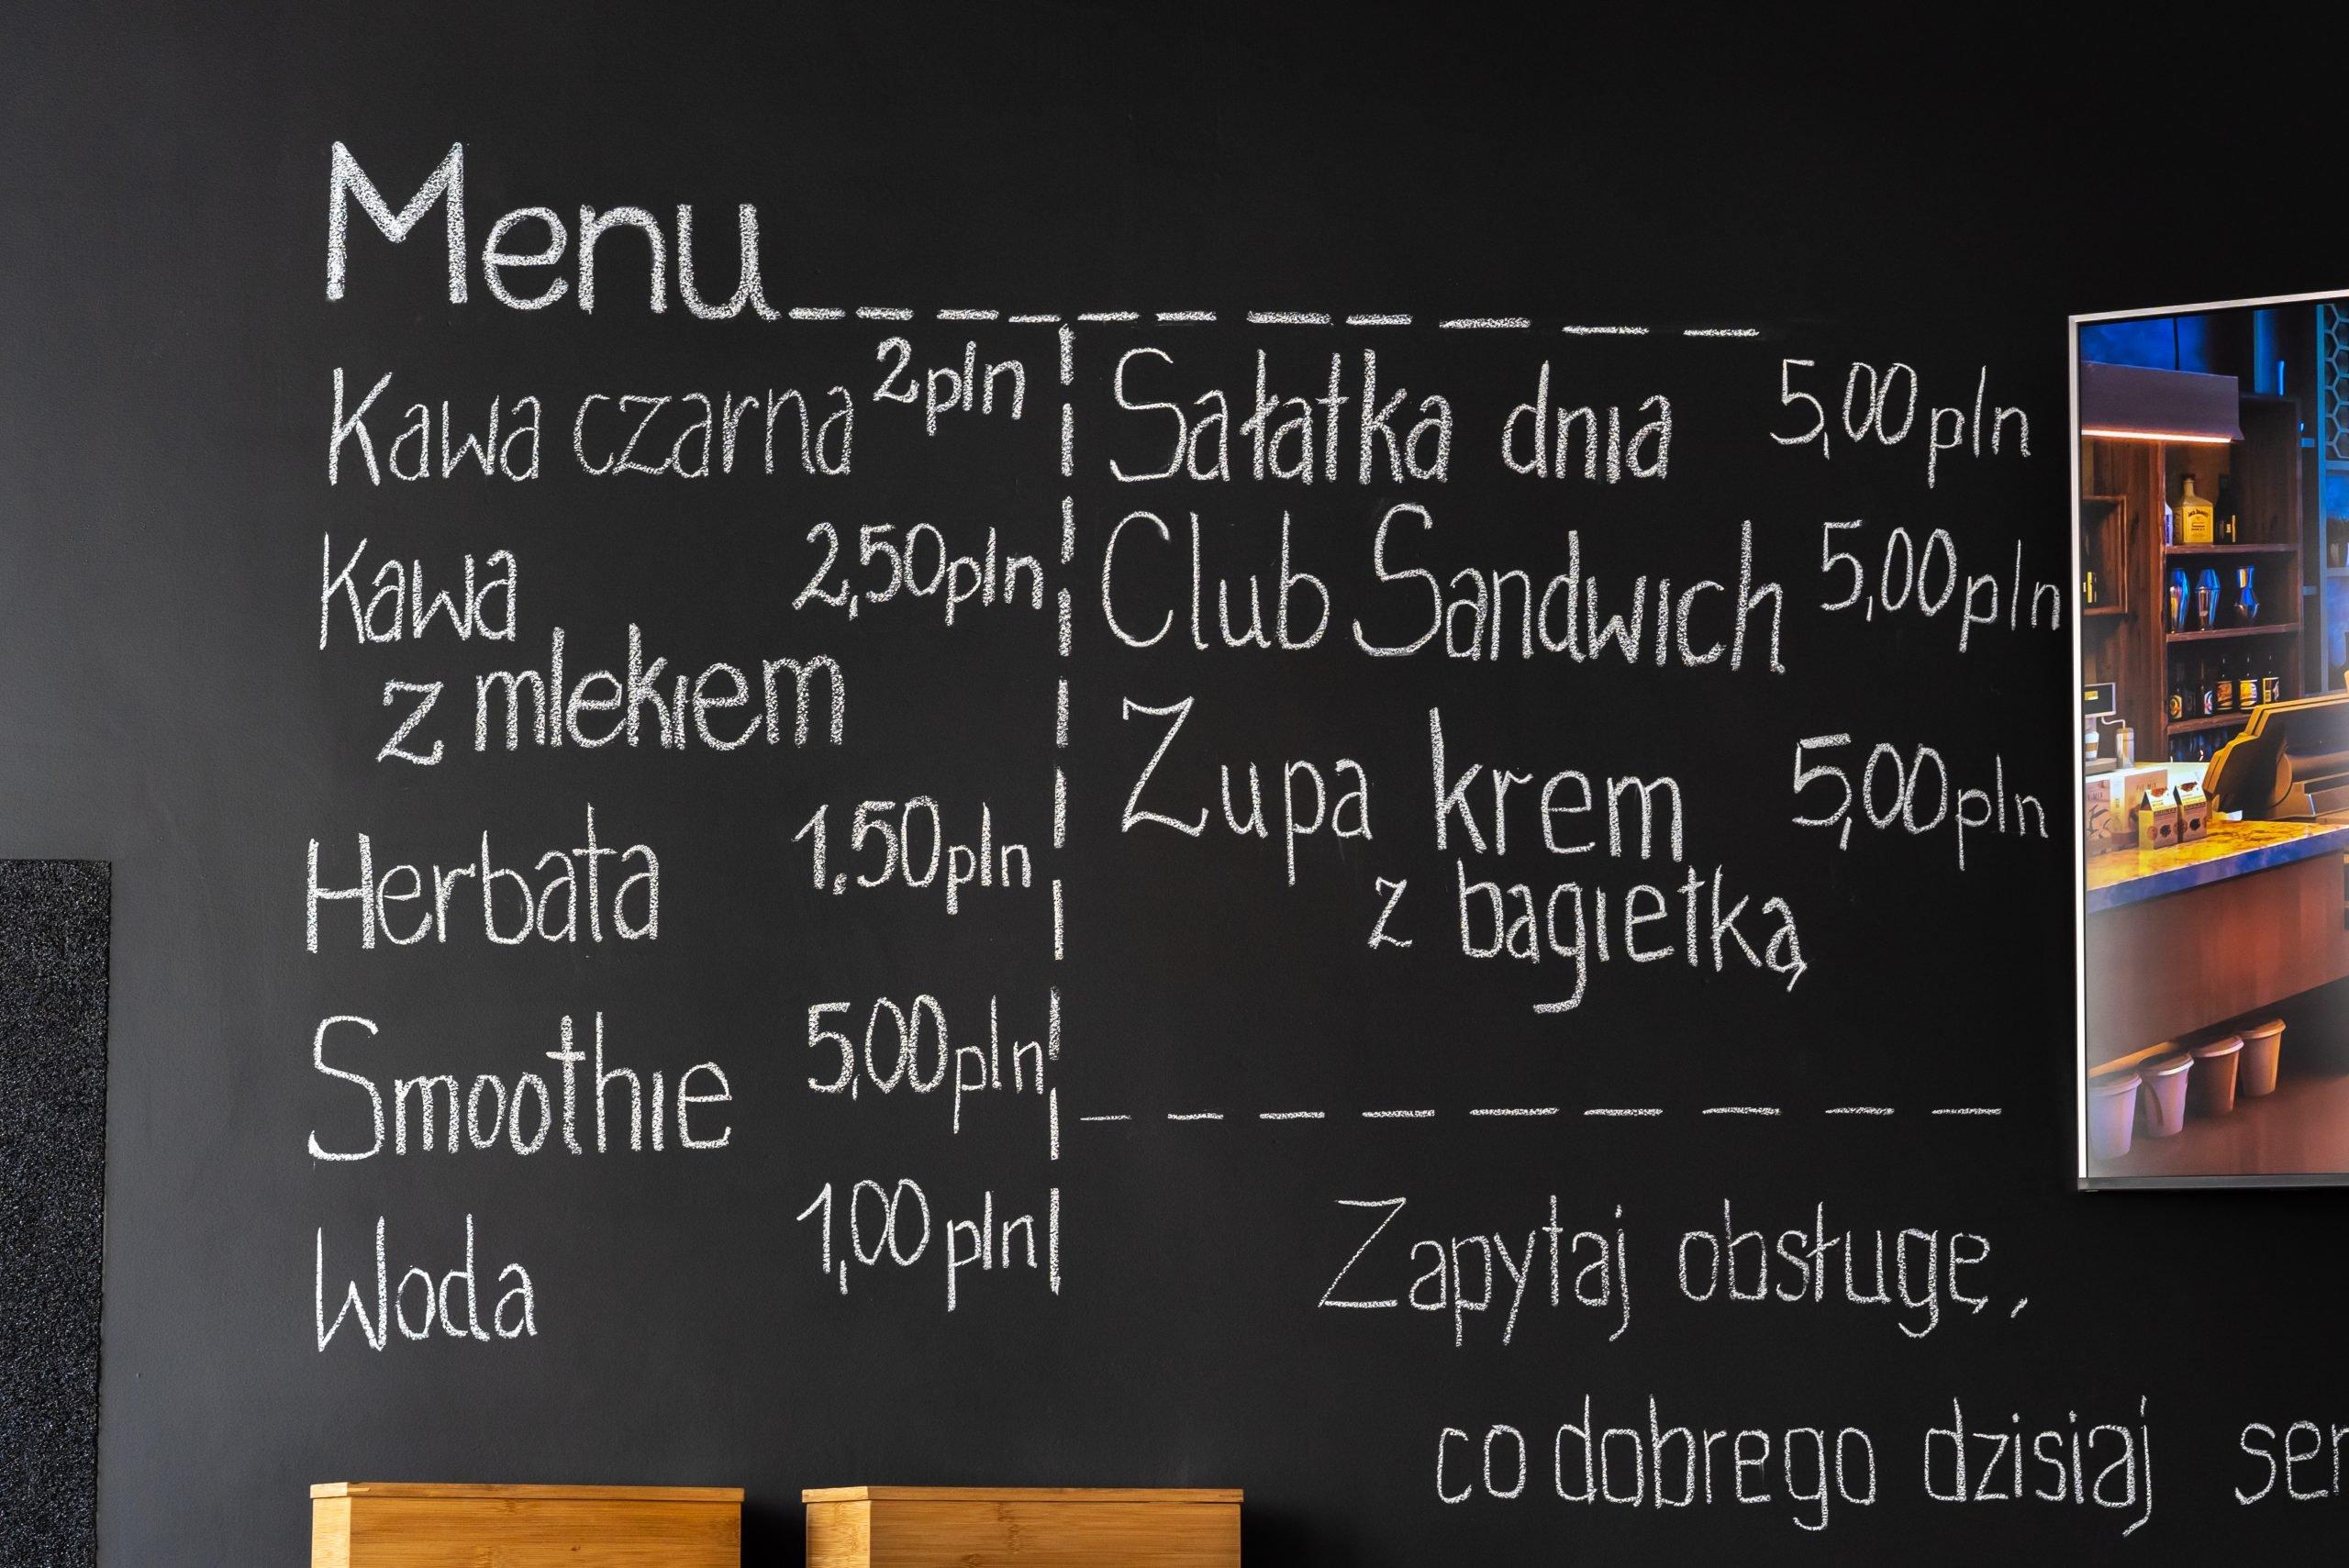 czarna ściana z menu bistro, kawa czarna 2 zł, kawa z mlekiem 2,5 zł, herbara 1,5zł, smoothie 5 zł, woda 1zł, sałatka dnia 5zł, club sandwich 5 zł, zupa krem z bagietką 5 zł, napisa: zapytaj obsługę co dobrego dzisiaj serwujemy